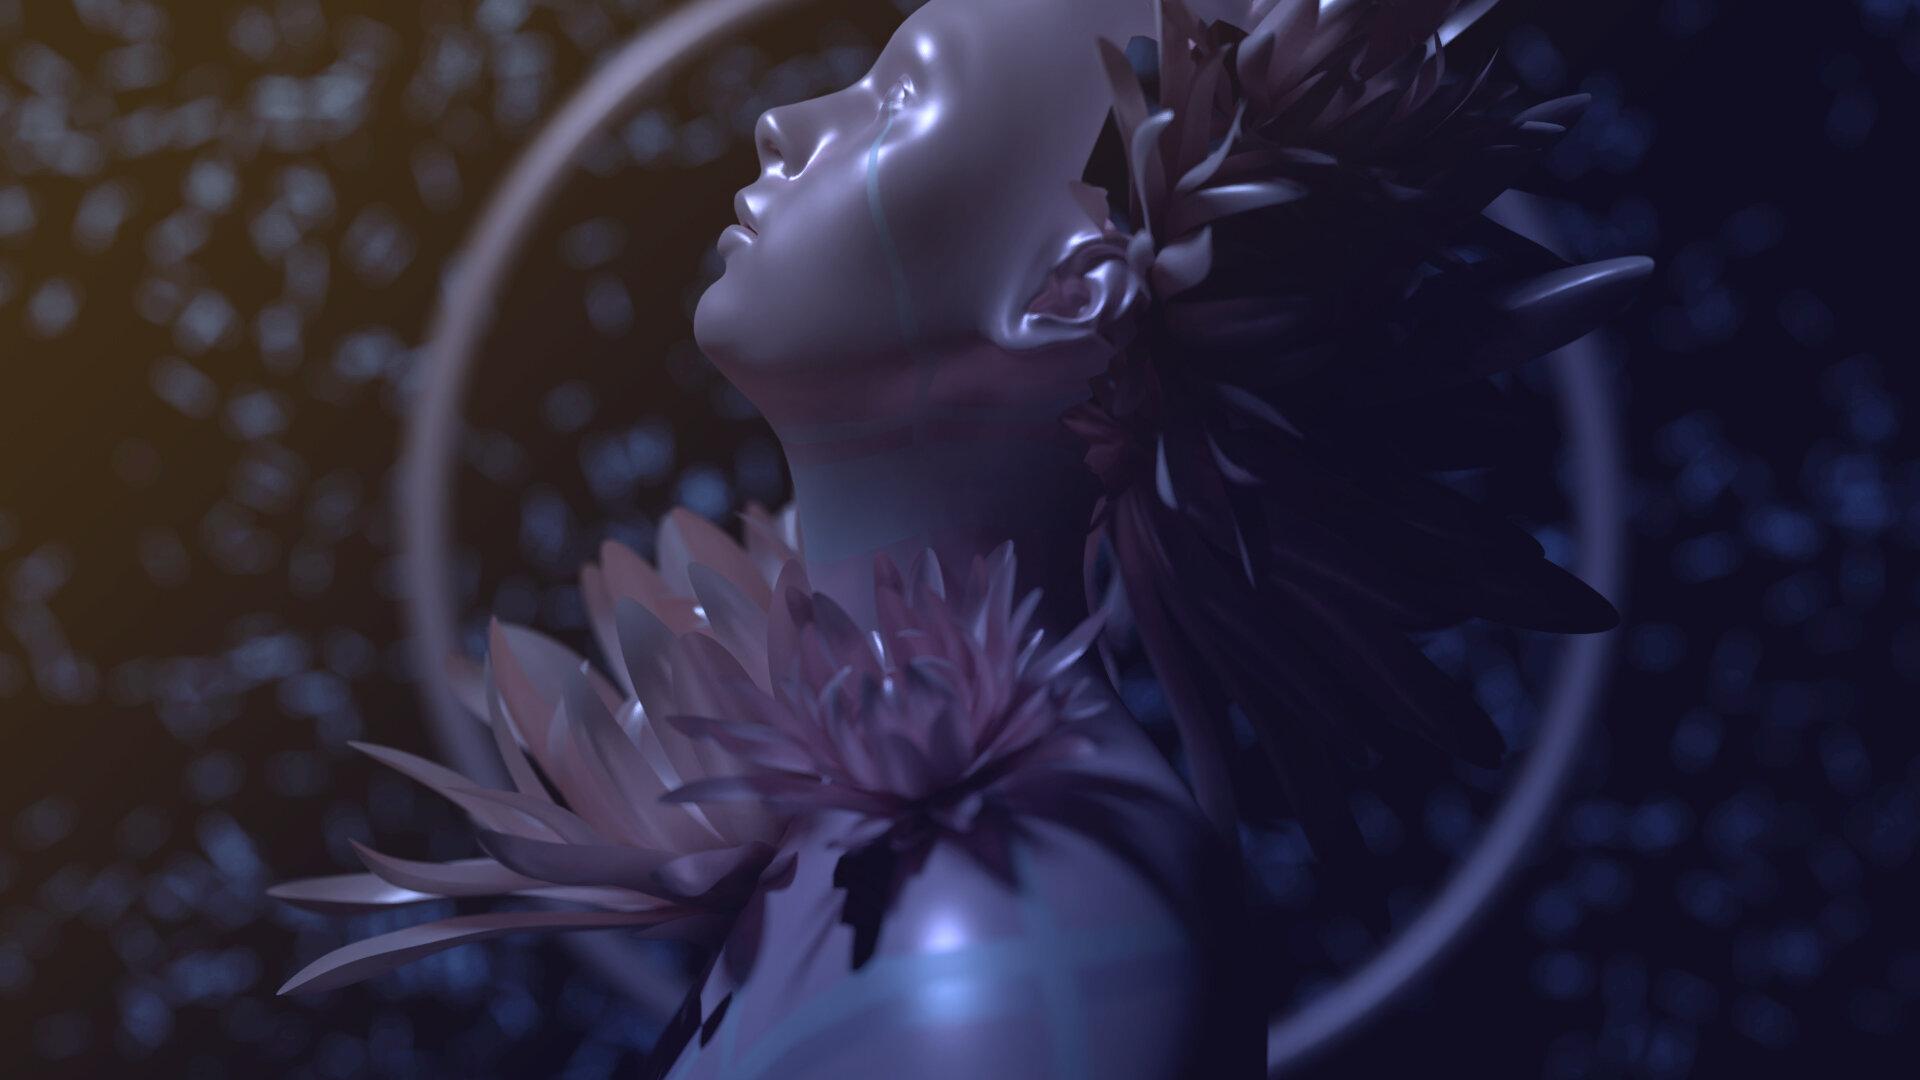 1248_flowerhead.jpg